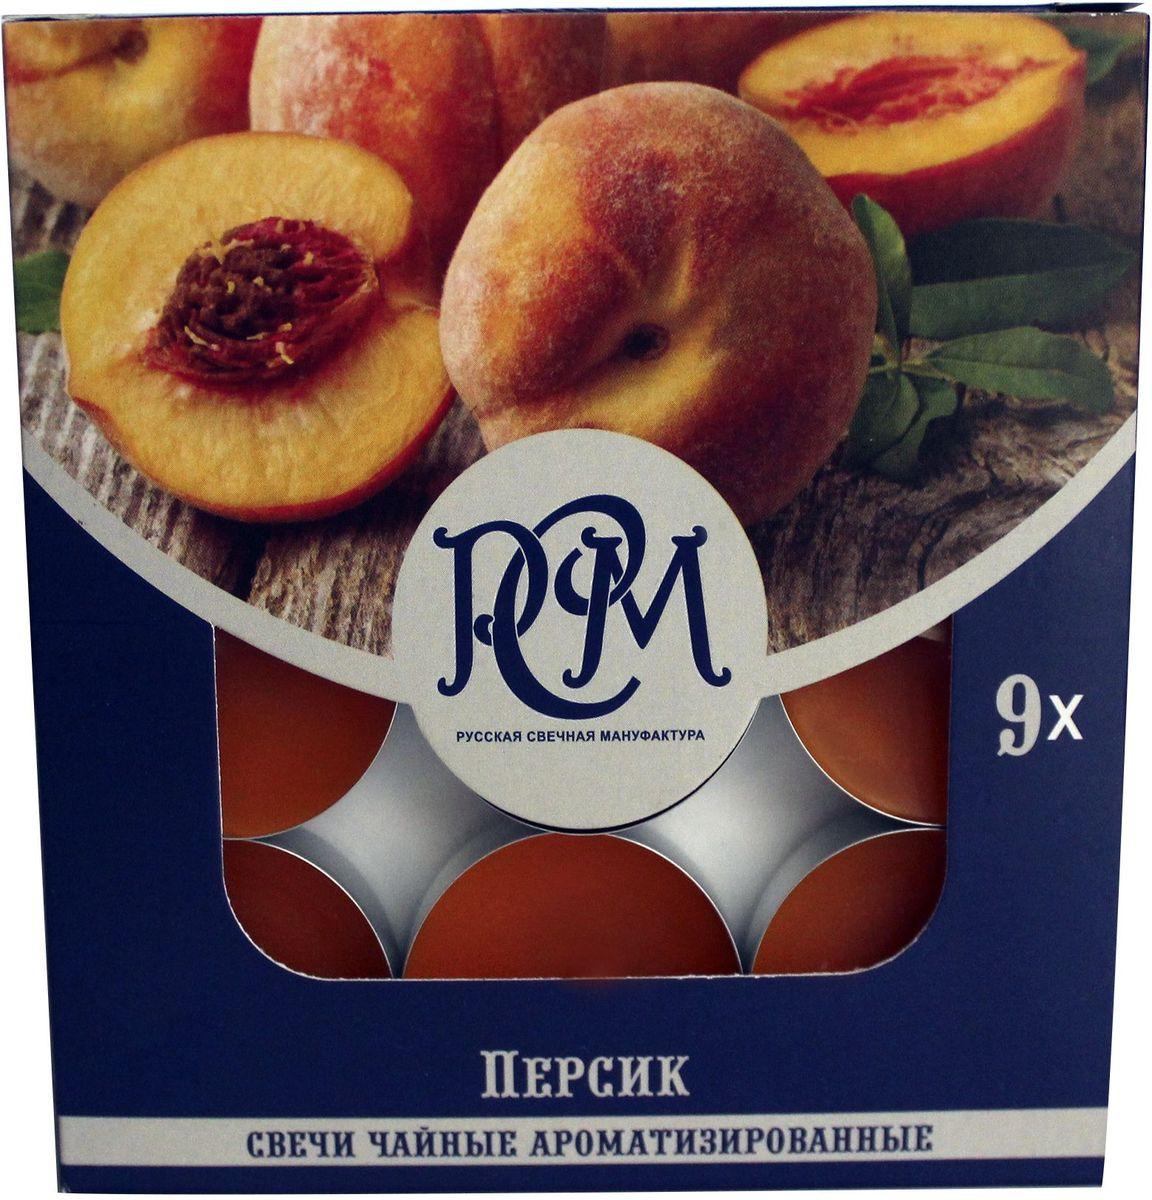 Свеча чайная Русская свечная мануфактура, персик, 9 штукБрелок для ключейСвечи ароматизированные